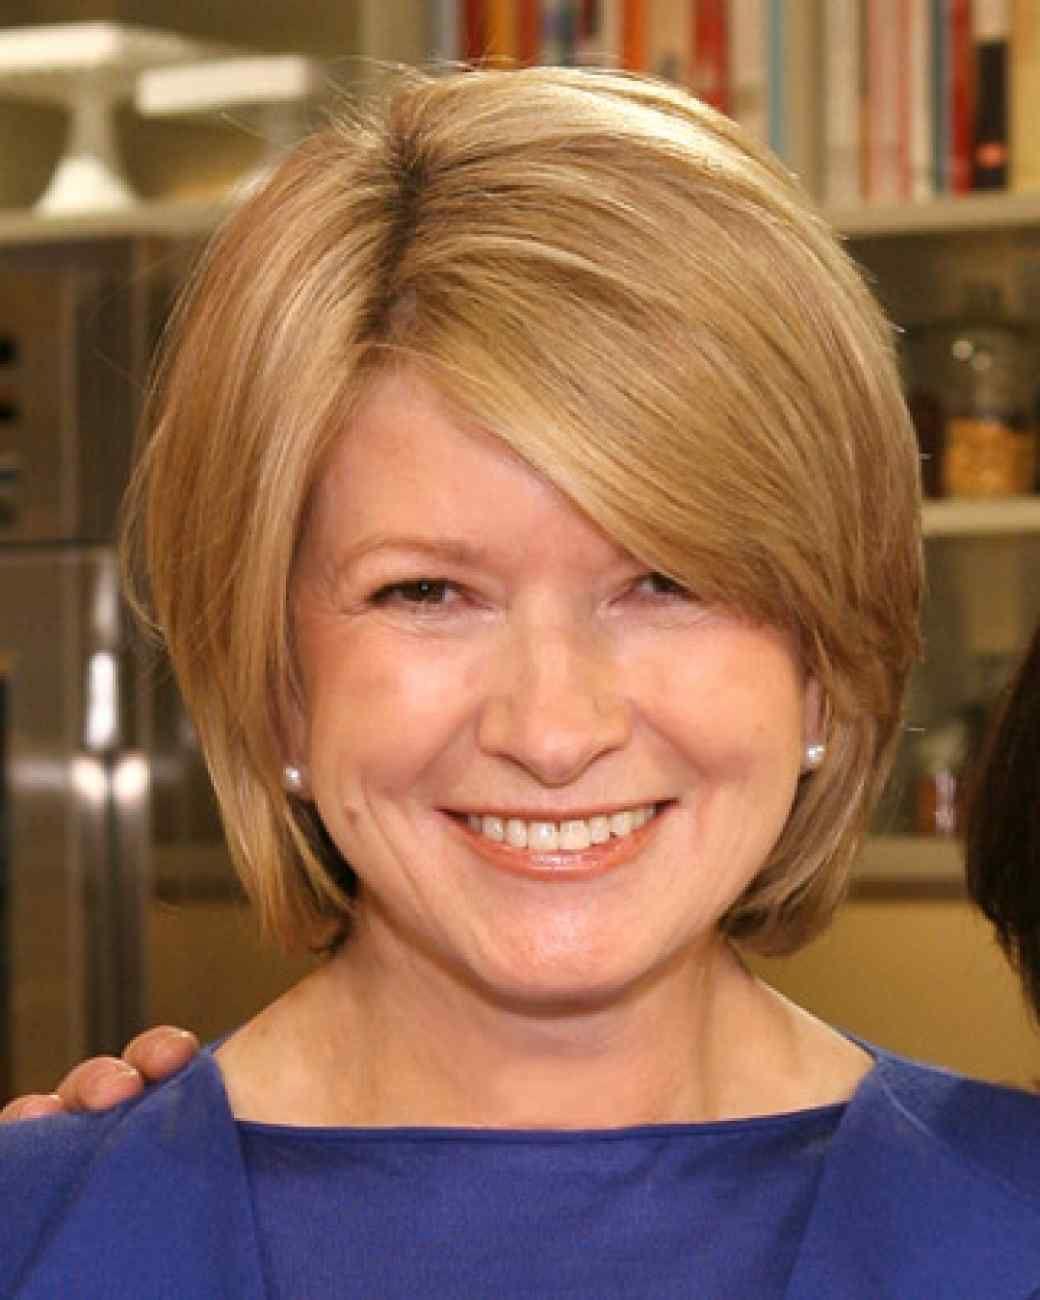 The Martha Stewart Look Book Hairstyles Hair Styles Line Bob Haircut Medium Hair Styles